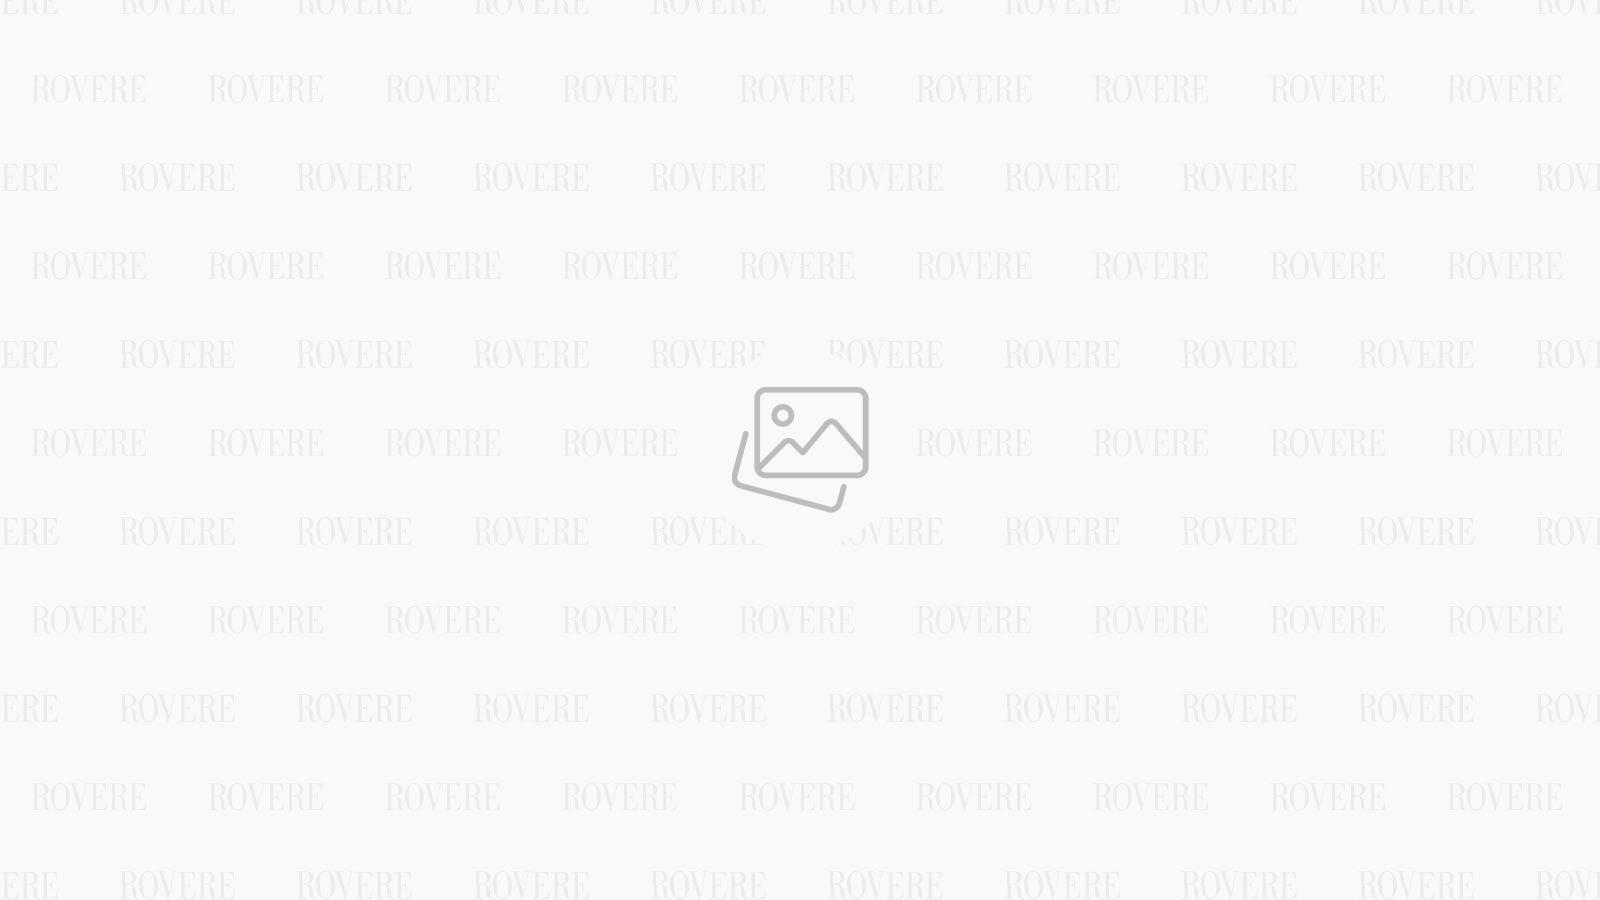 Canapea cu sezlong dreapta Adrenalina textil culoarea Pewter